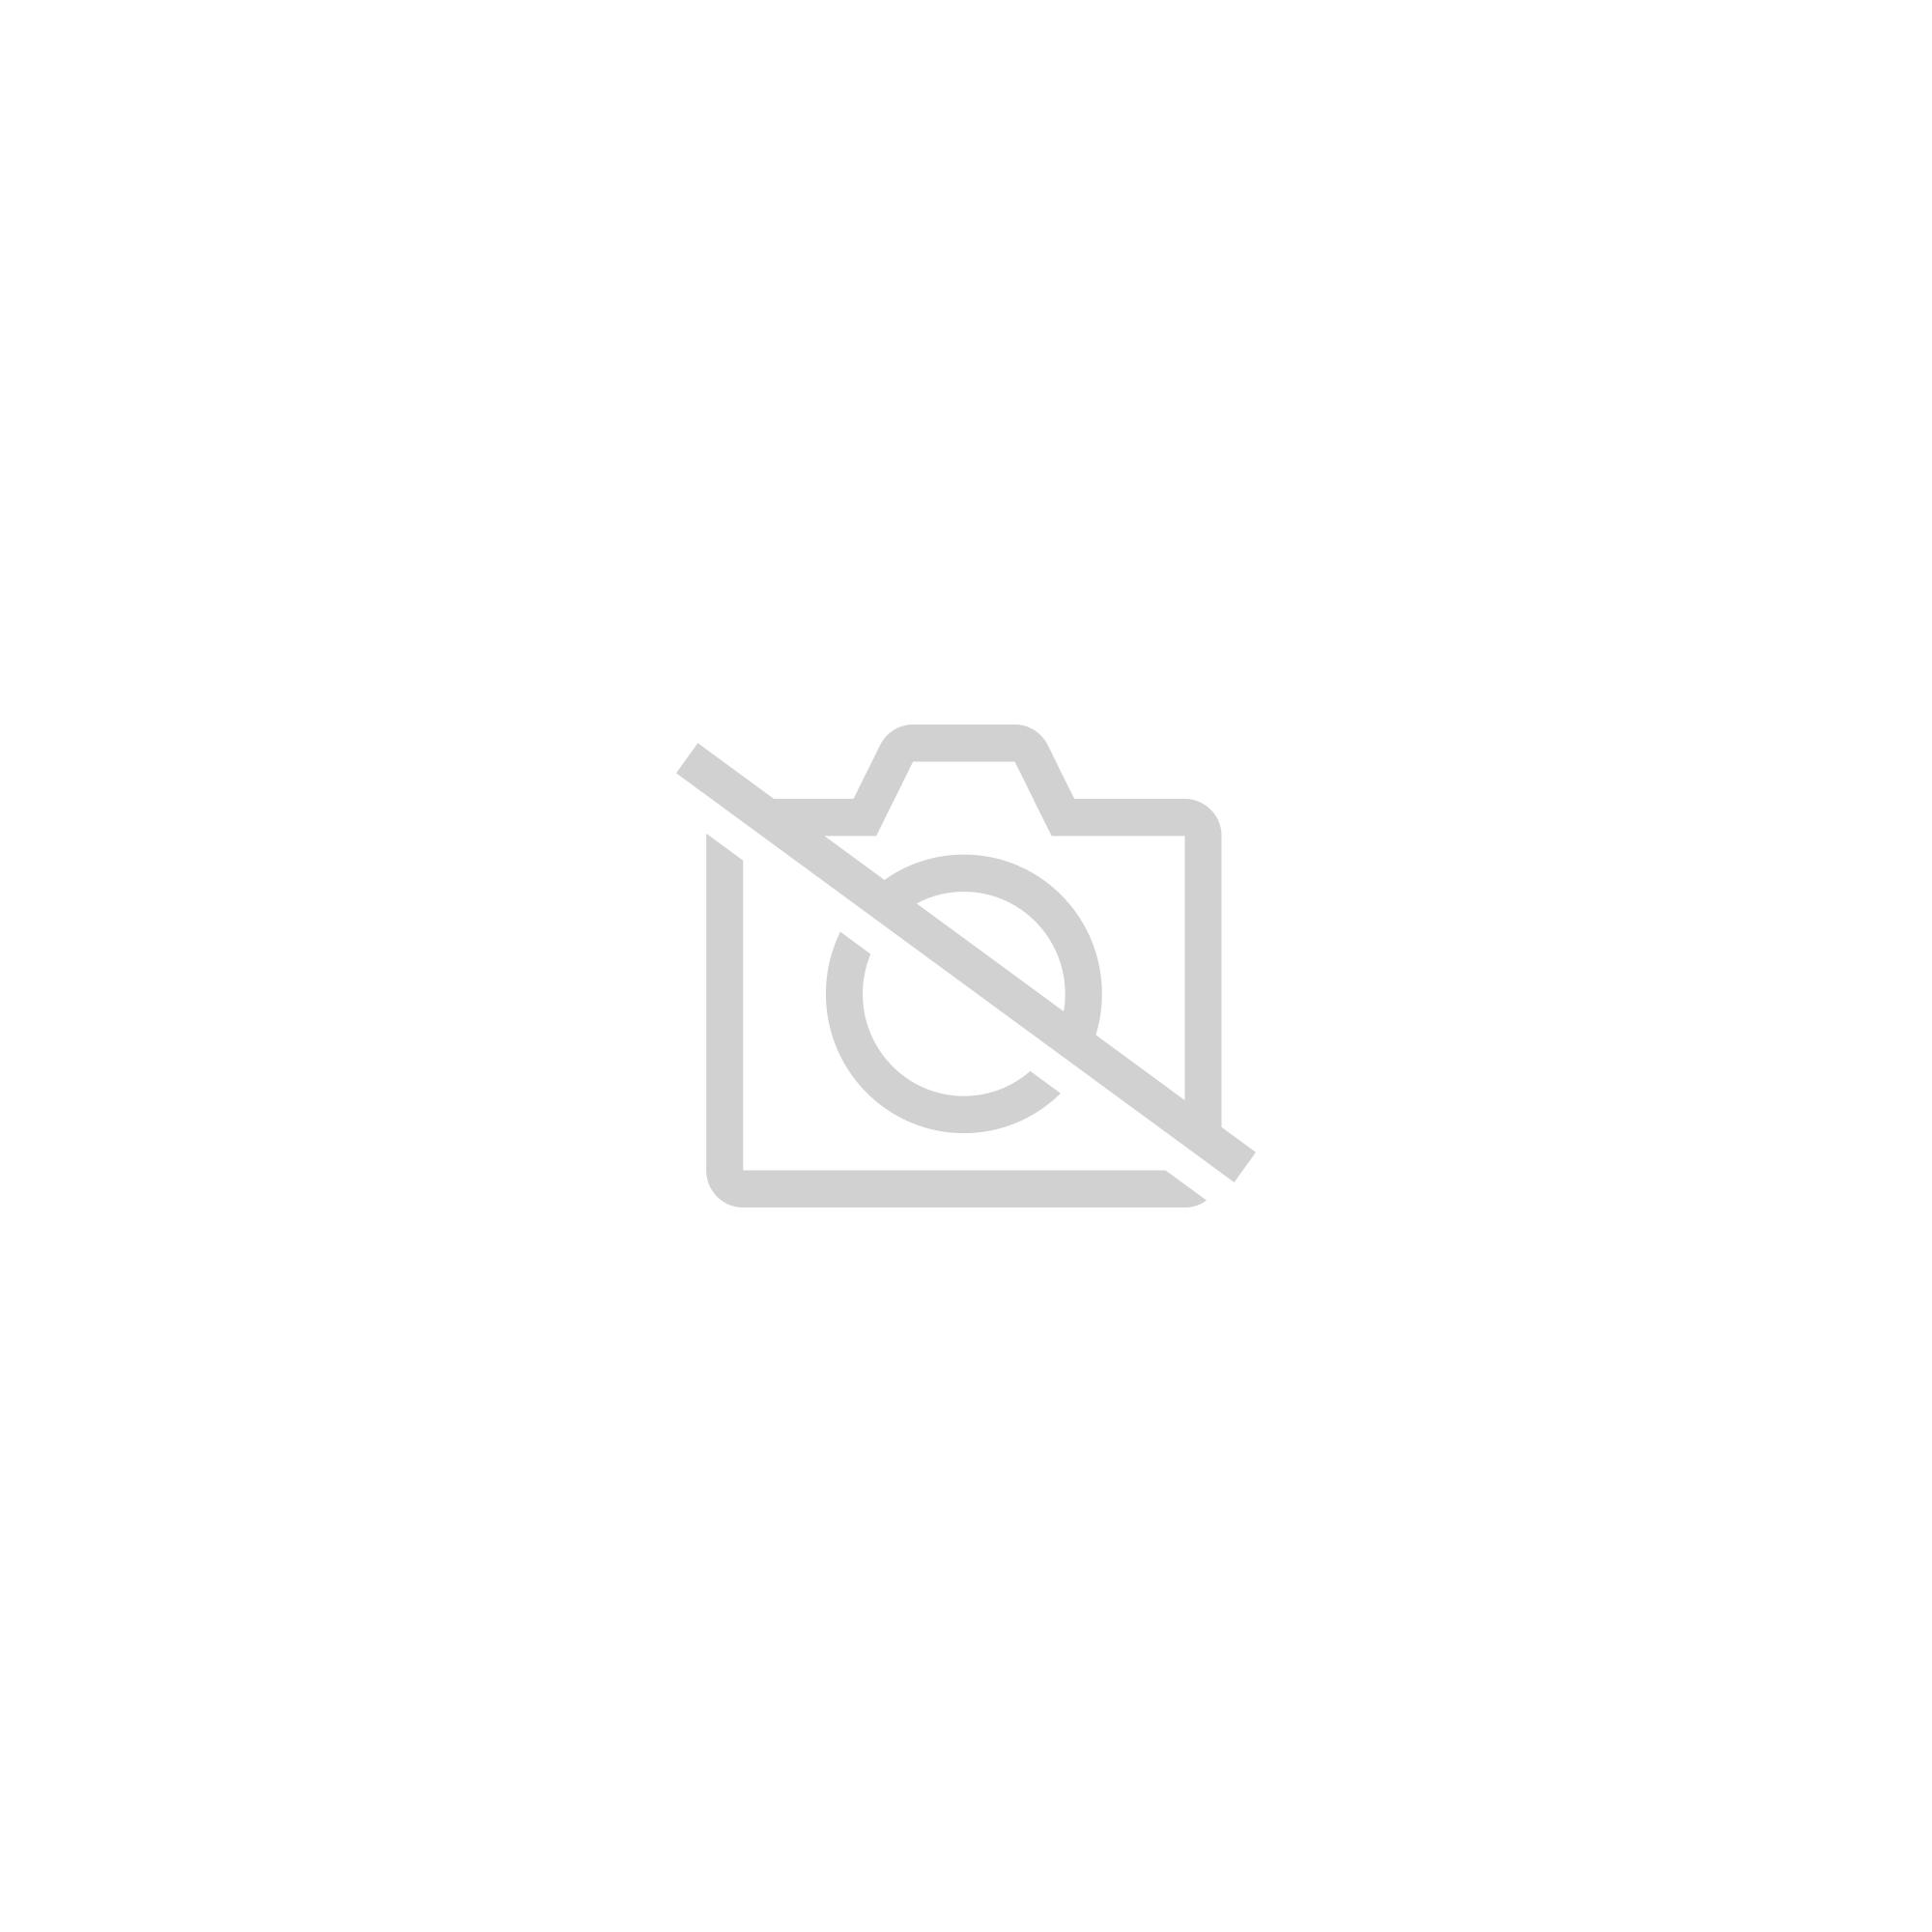 Michelin Hiver Pi Alp